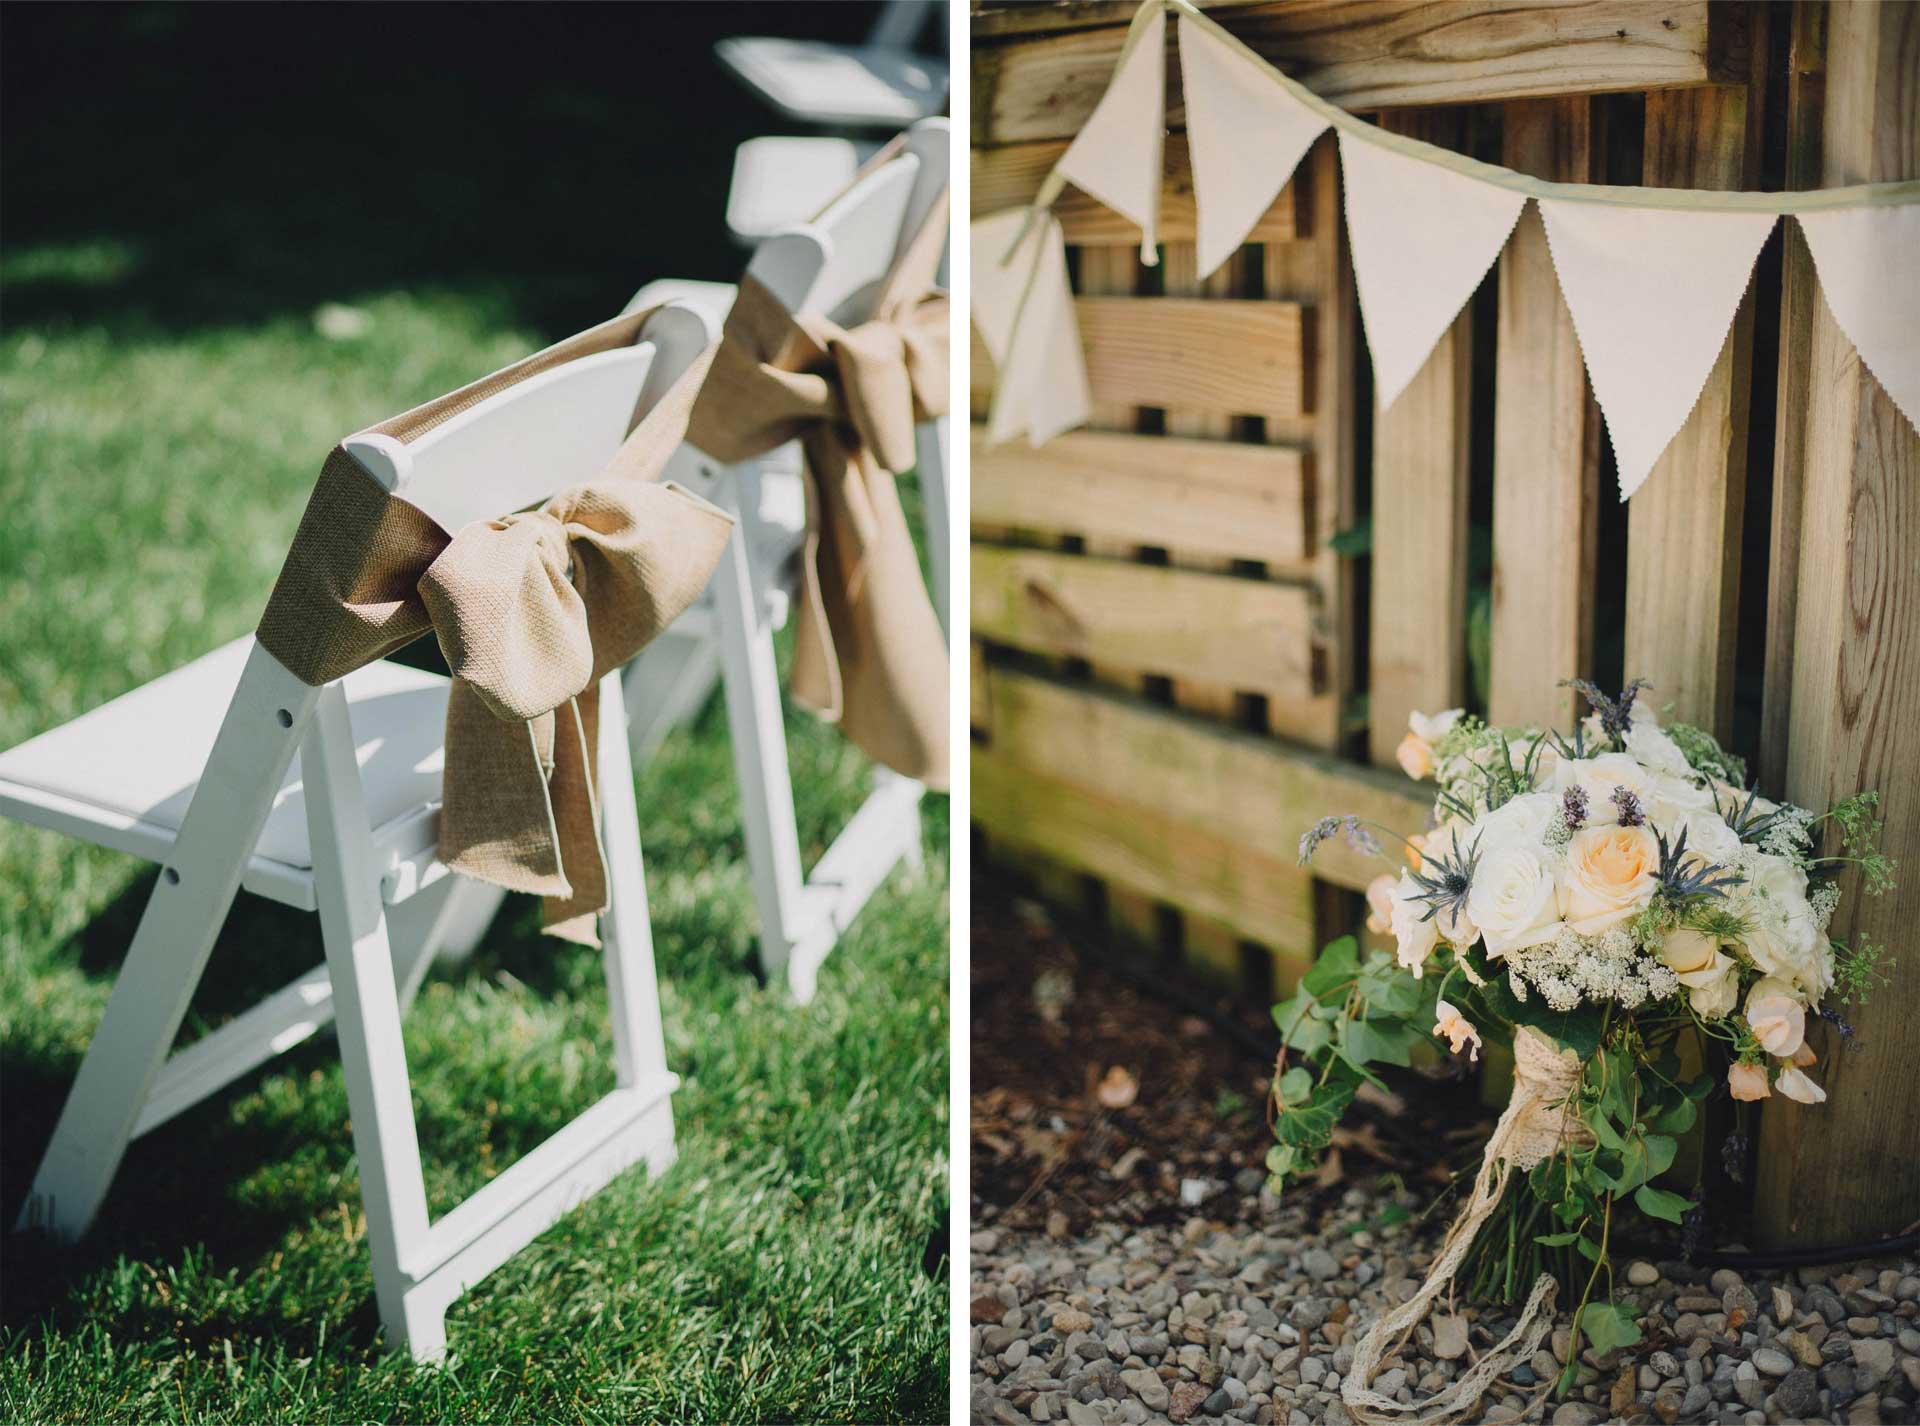 Megan-Paul-Ohio-English-Garden-Wedding-006@2x.jpg